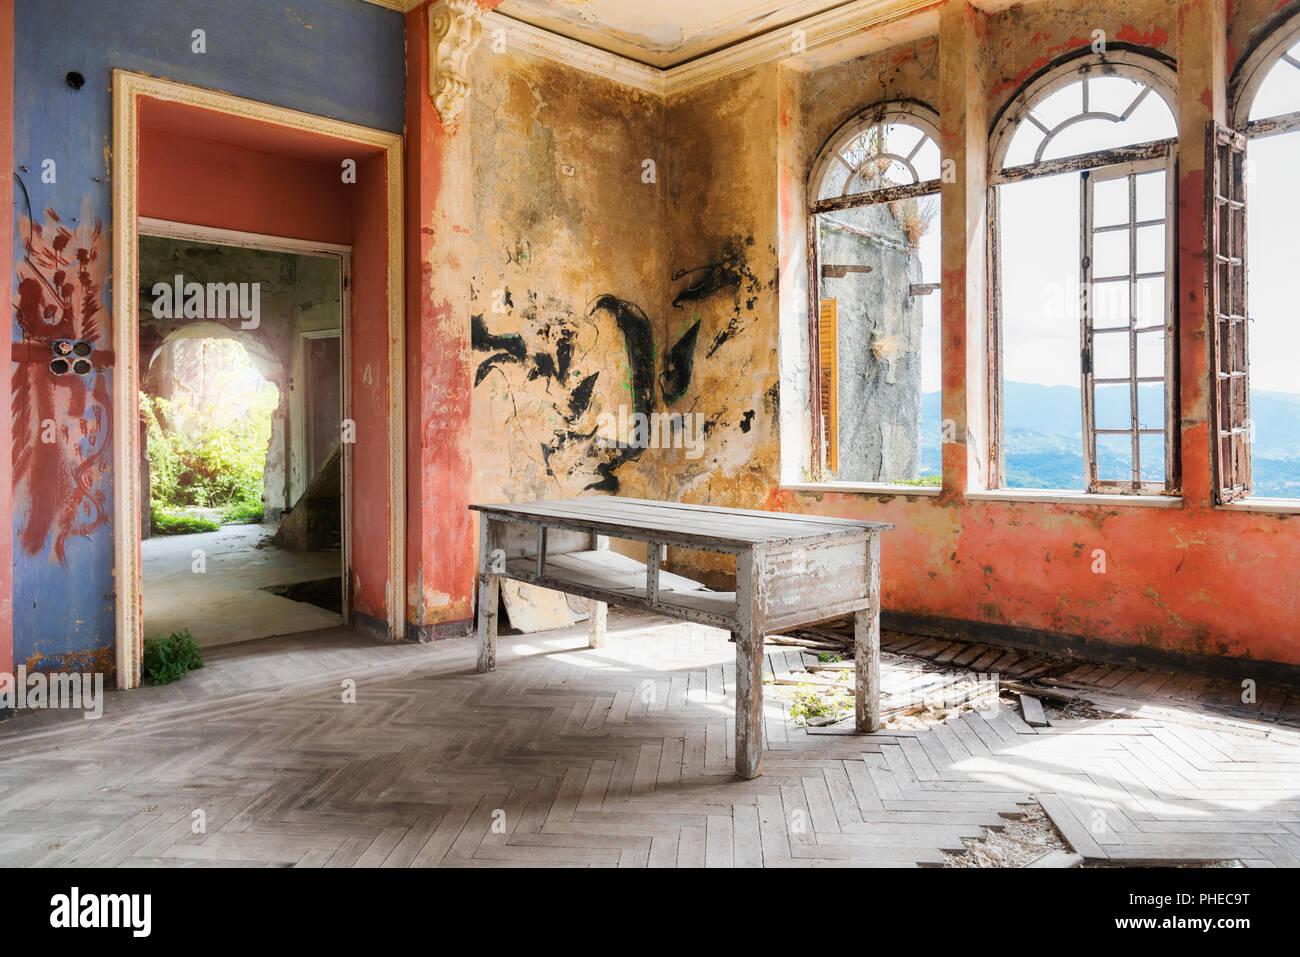 Spooky intérieur de maison en ruine abandonnée Banque D'Images